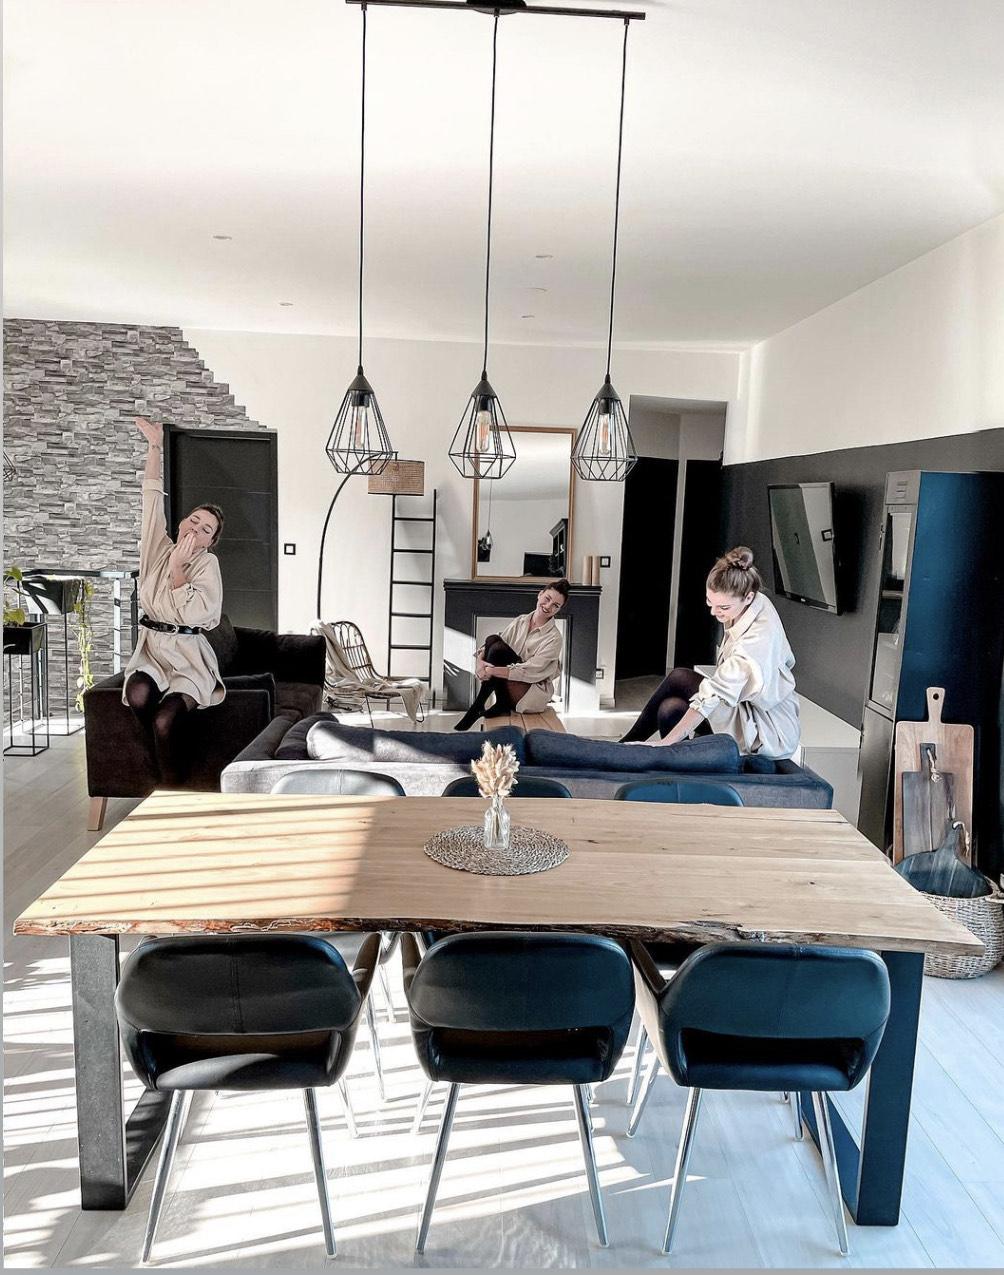 salon de home-by-charline avec table en bois et canapé seattle